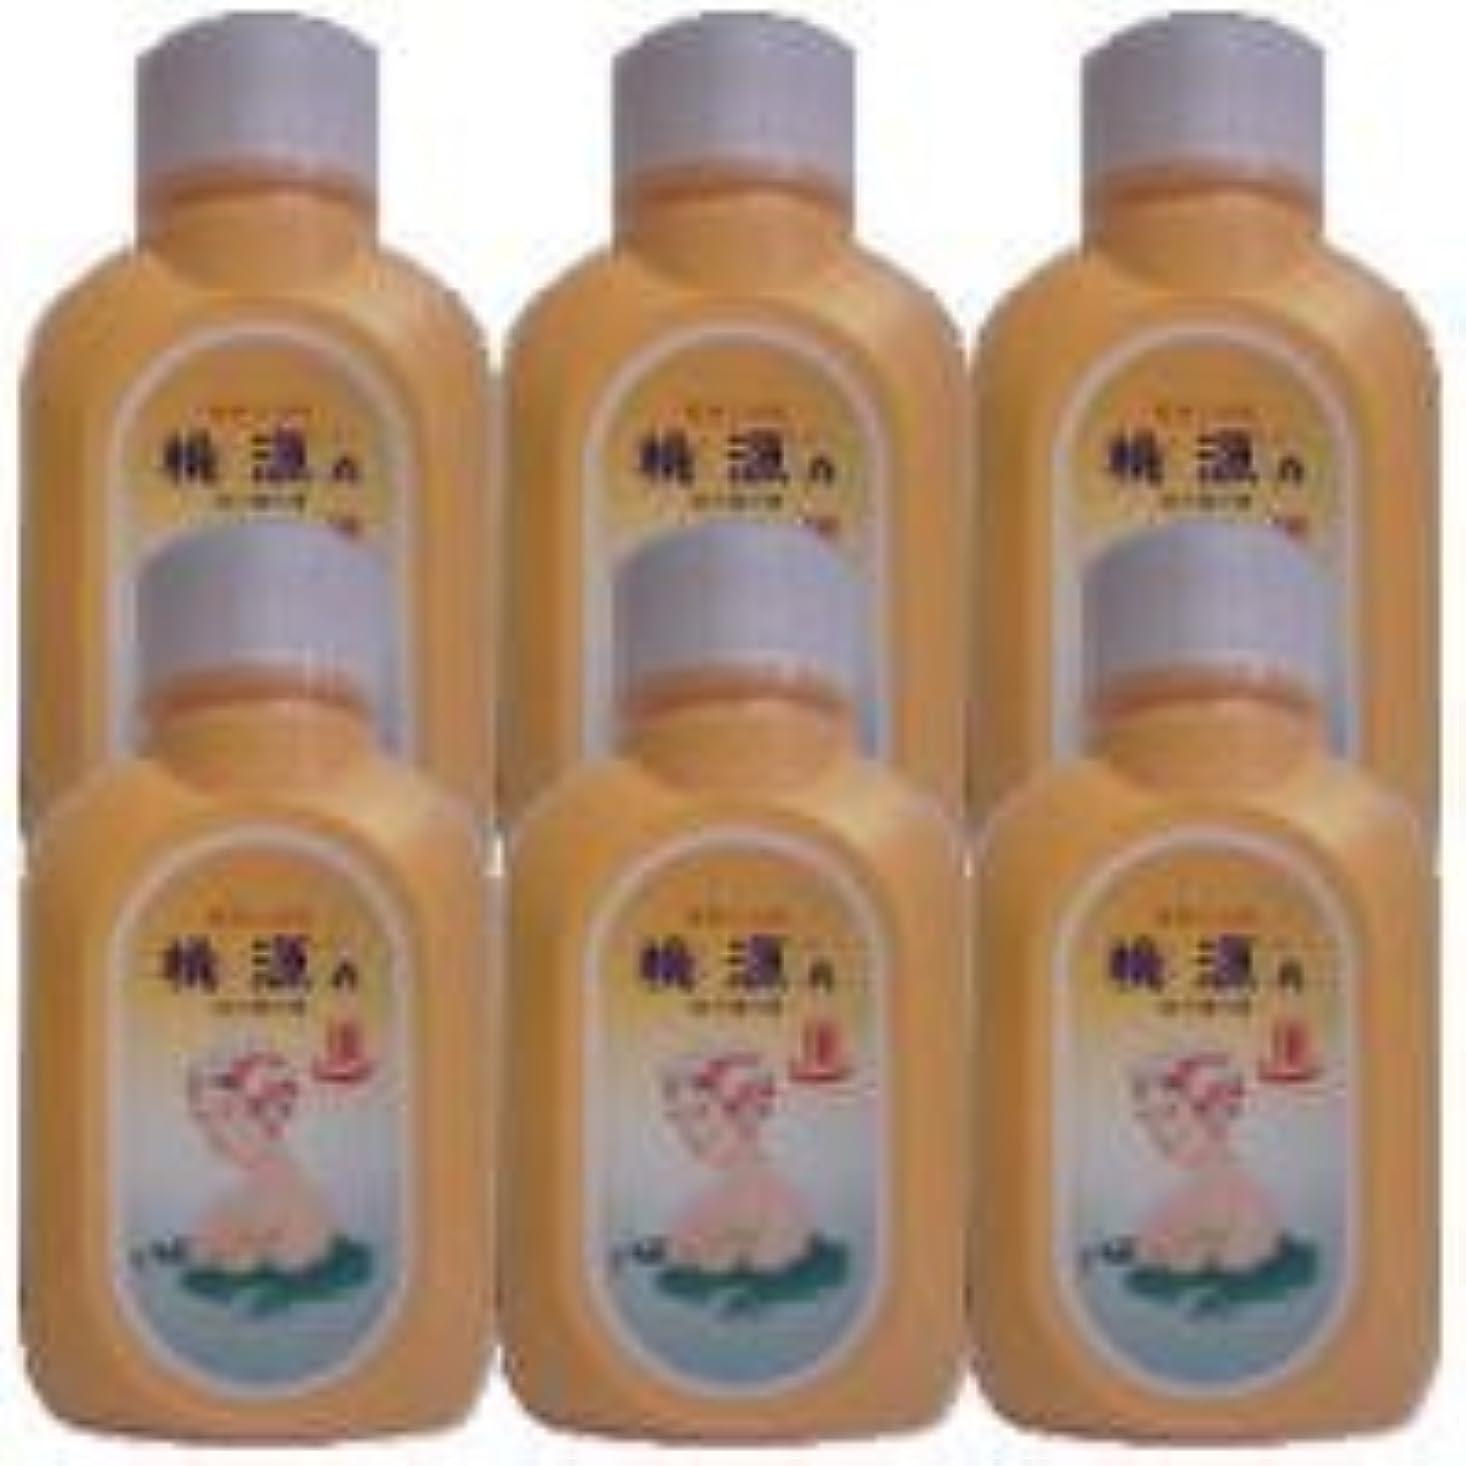 船形雲侵略桃源 桃の葉の精 700g(オレンジ) 6個